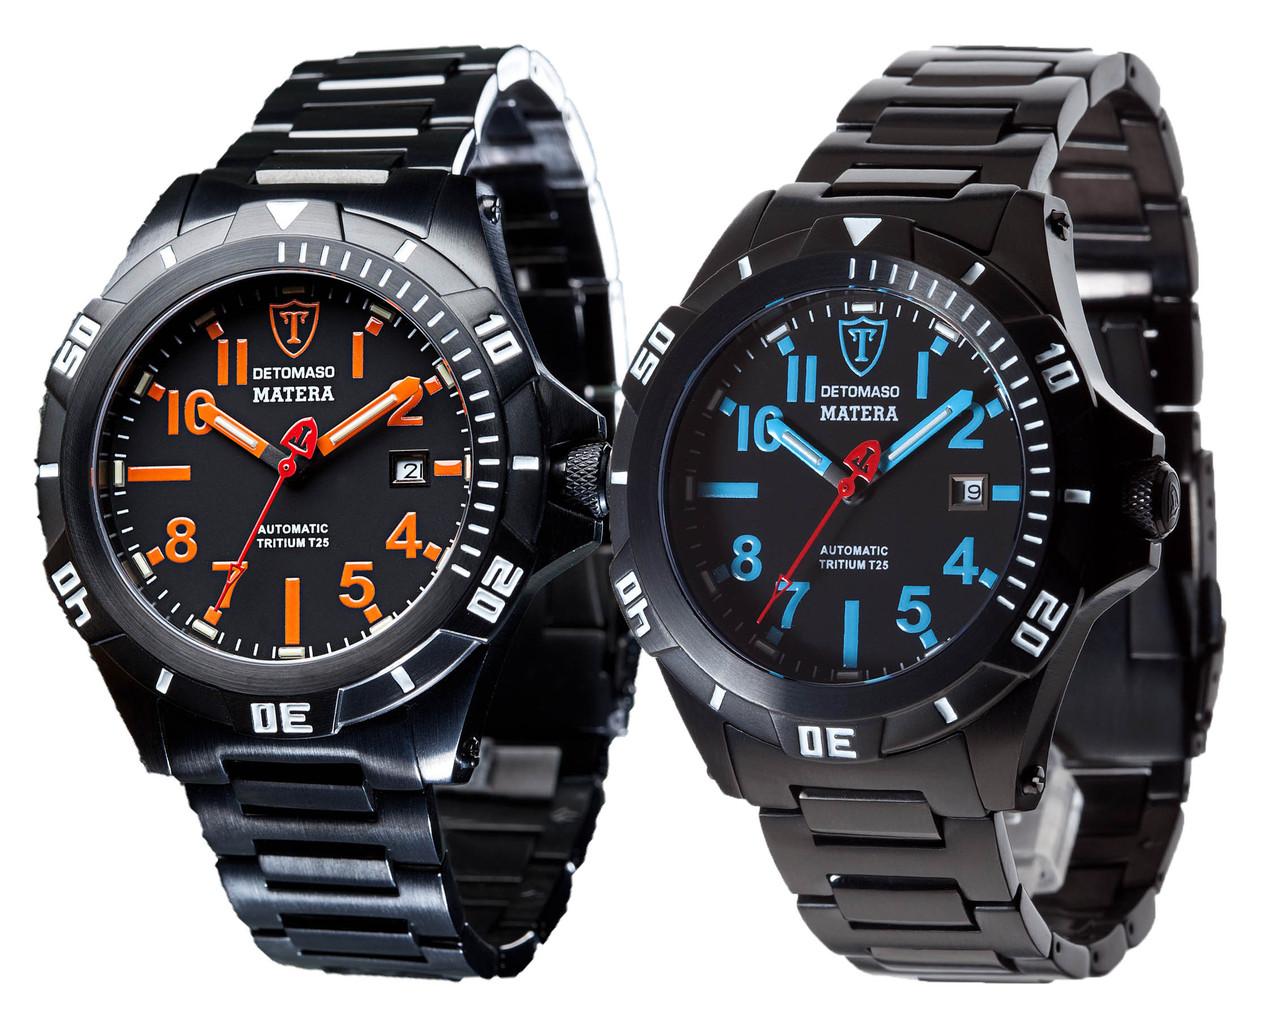 Механические наручные часы Detomaso Matera automatic - 2 варианта